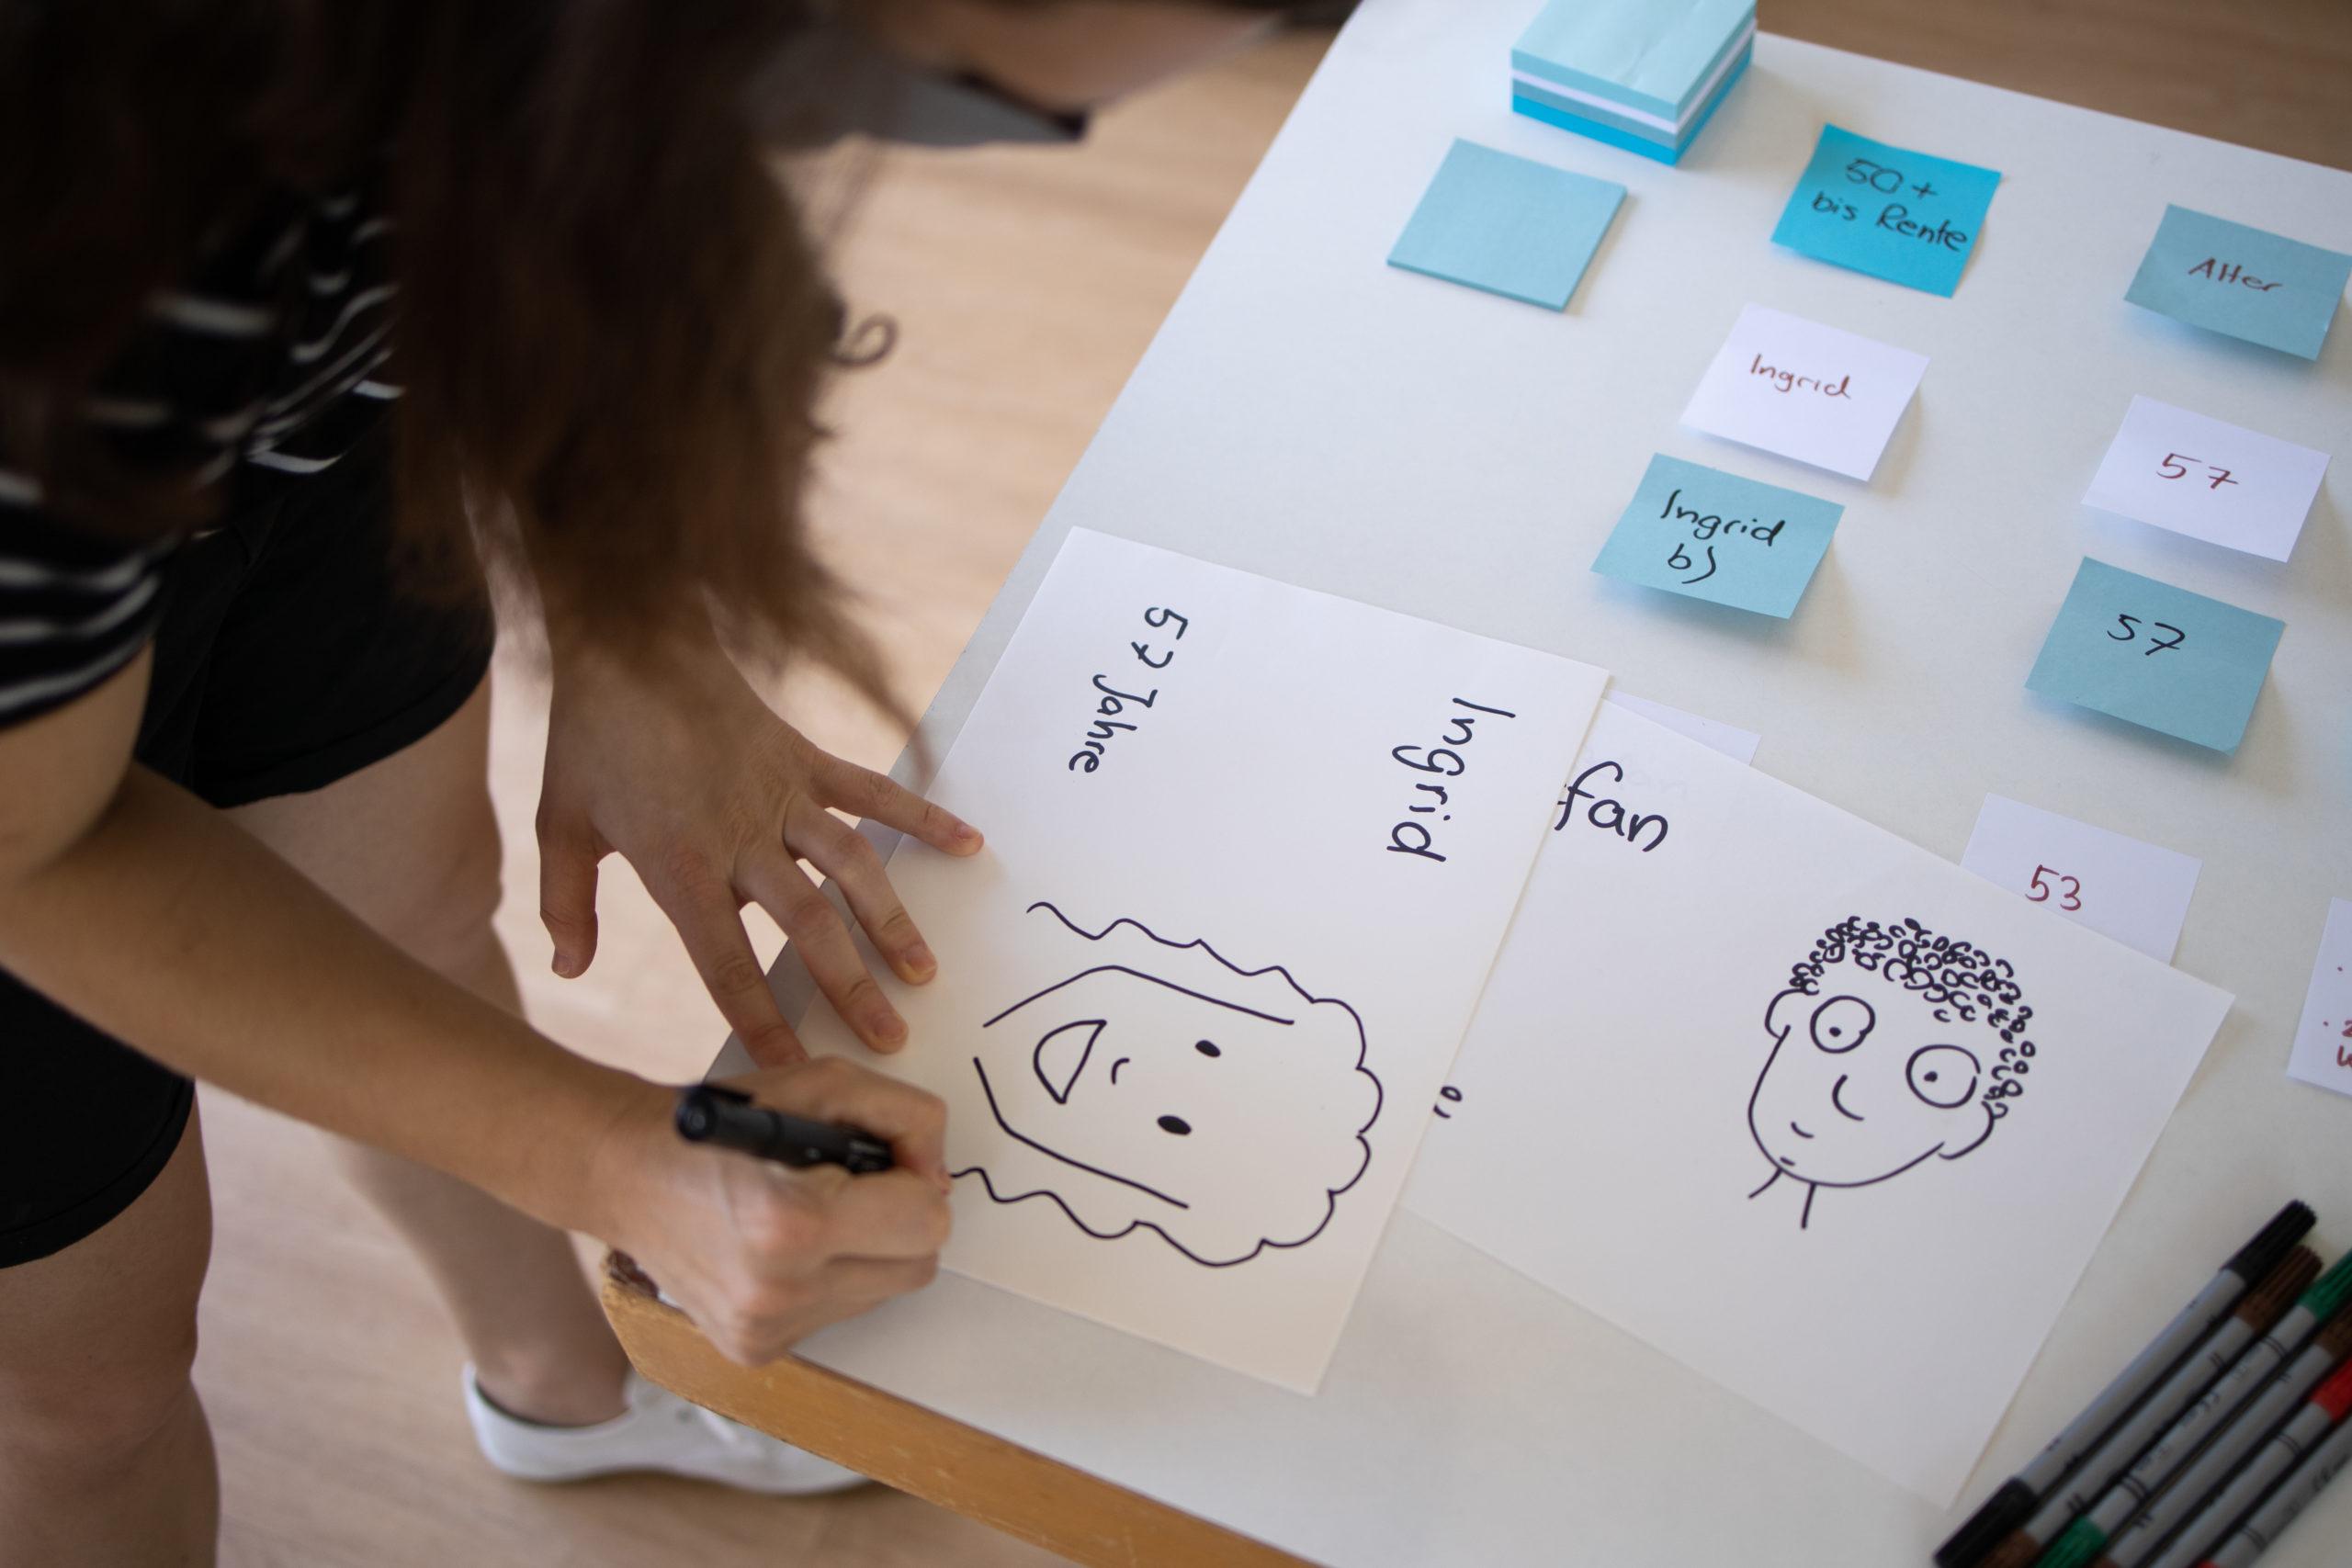 Frau erstellt Persona in Design Thinking Prozess